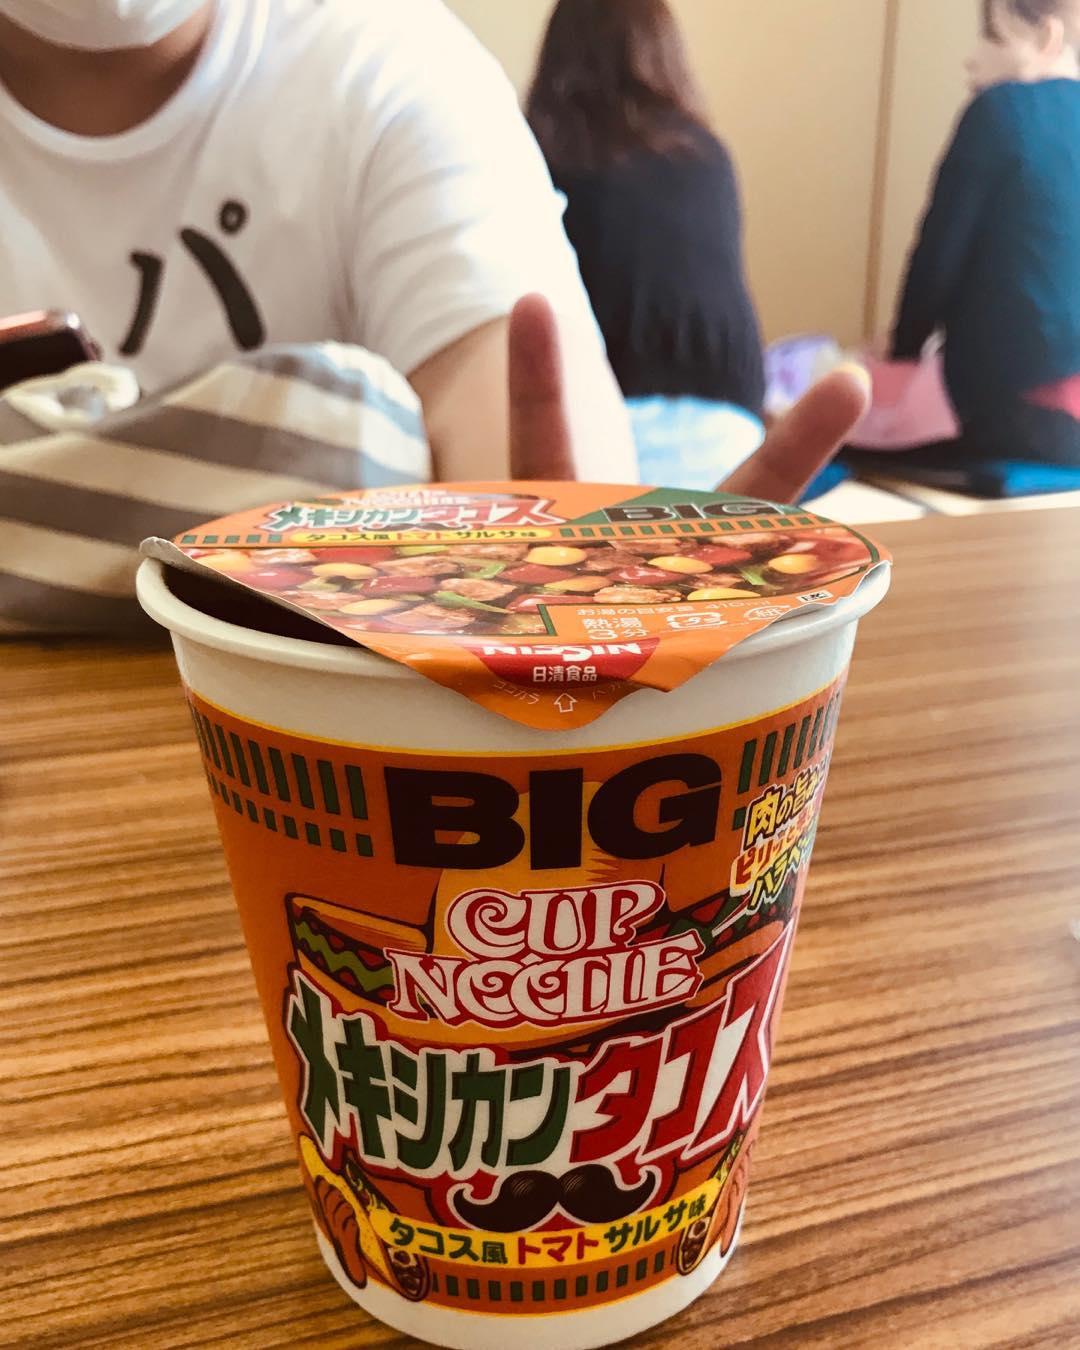 actualidad comida japon japonshop  Nissin Cup Noodles Taco Mejicano